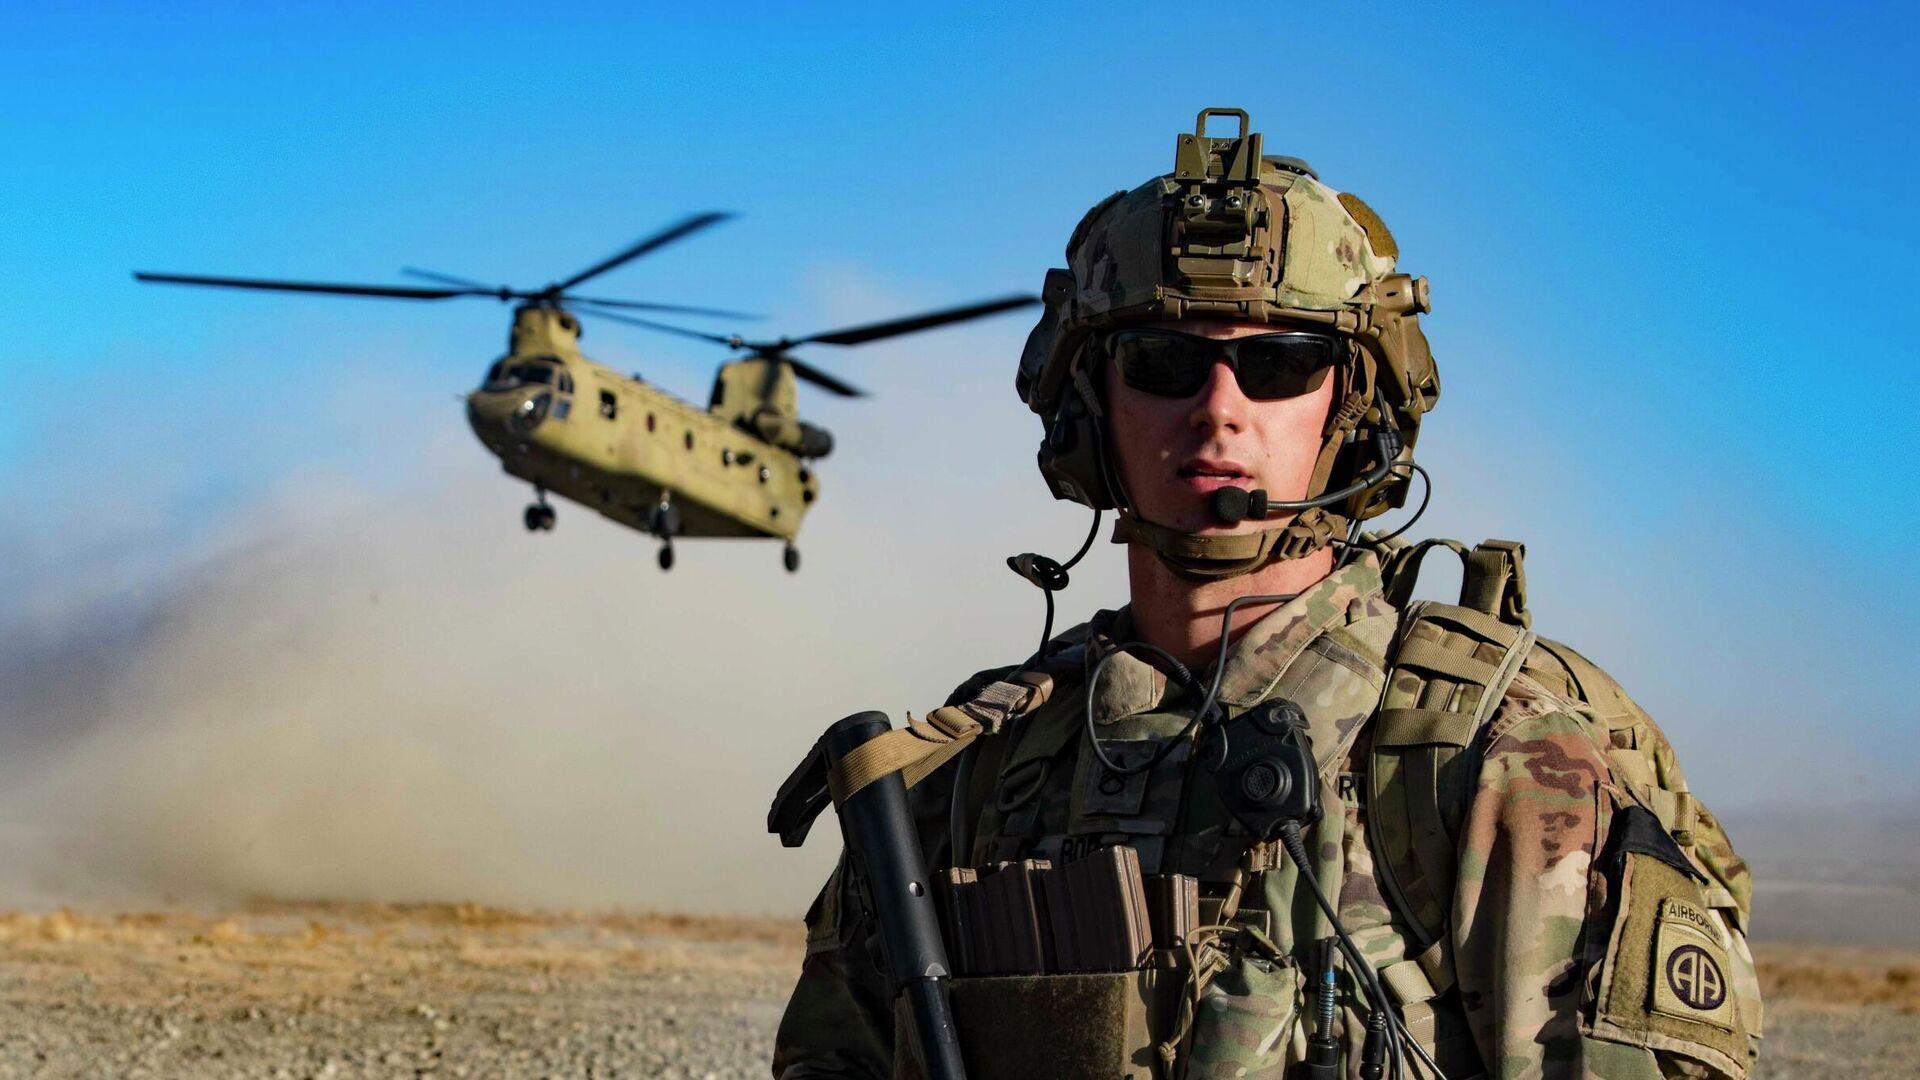 Американские военные на юго-востоке Афганистана - РИА Новости, 1920, 05.07.2021